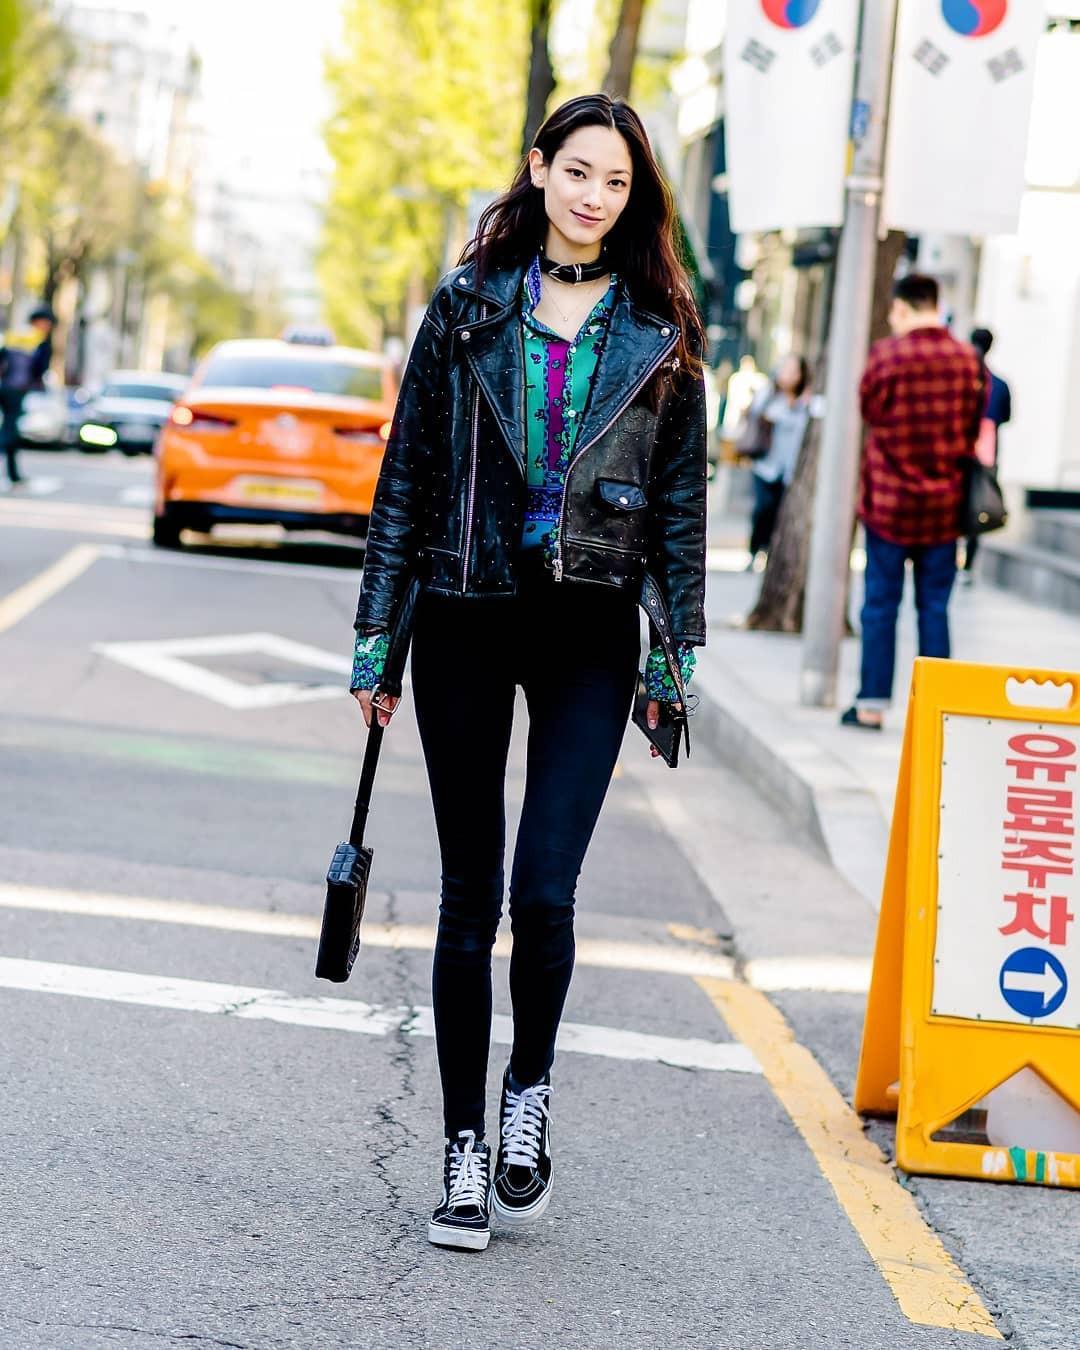 Street style của con gái Hàn tuần qua: chẳng cầu kỳ mà đẹp phát mê, ai xem xong cũng dễ crush - Ảnh 7.